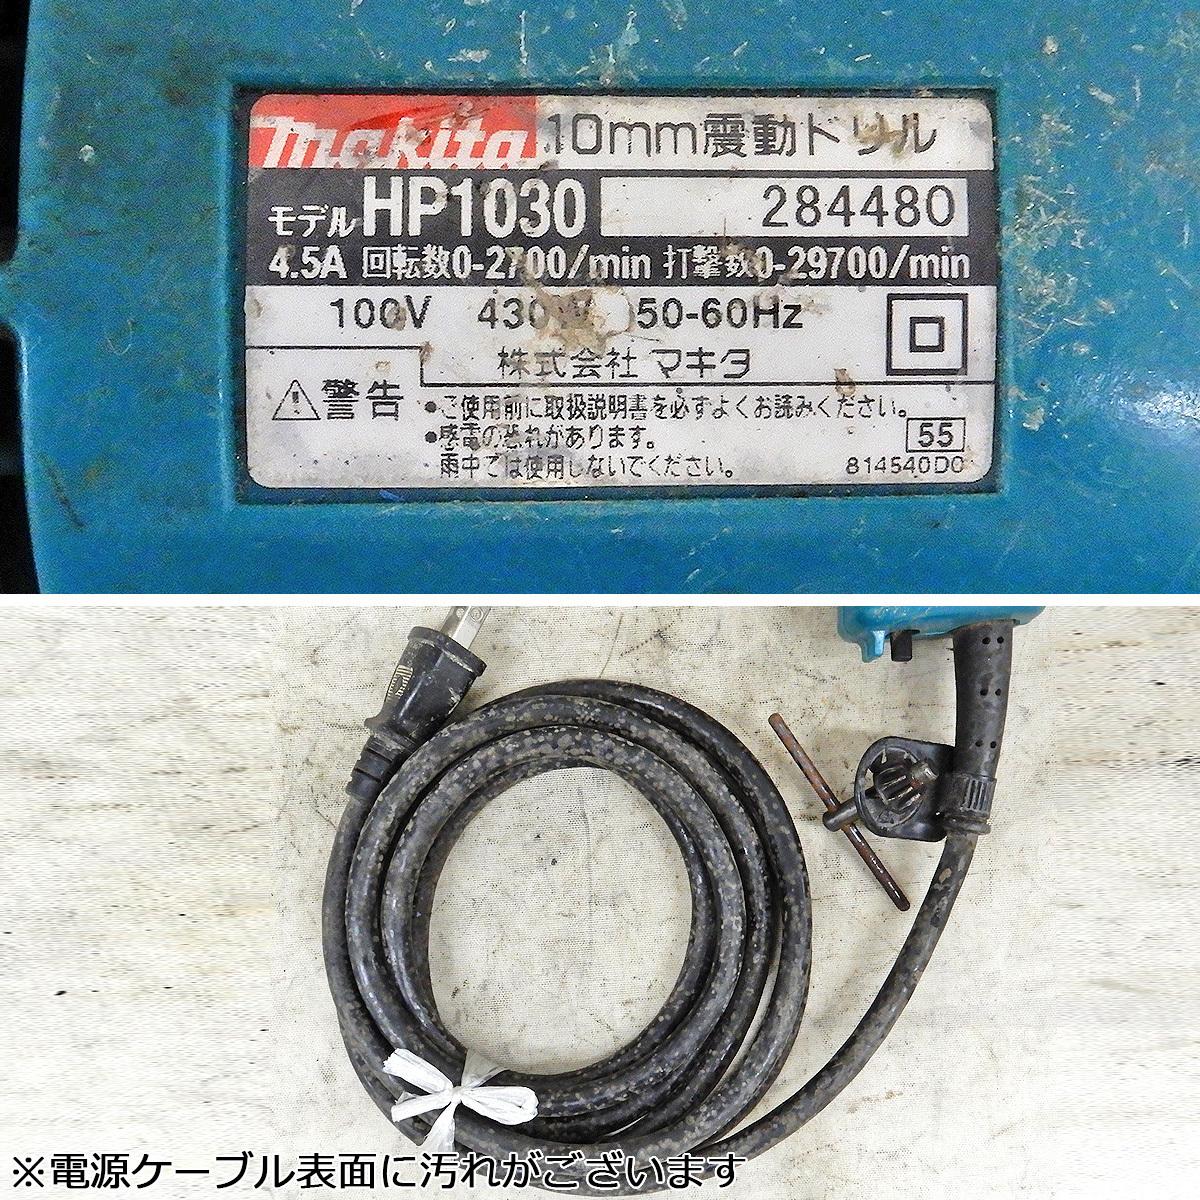 FR78 [送料無料/難あり] makita マキタ 10mm振動ドリル HP1030 / 13mmドリル DP4002 / 13mm四段変速ドリル 6300-4 計3点セット_画像3